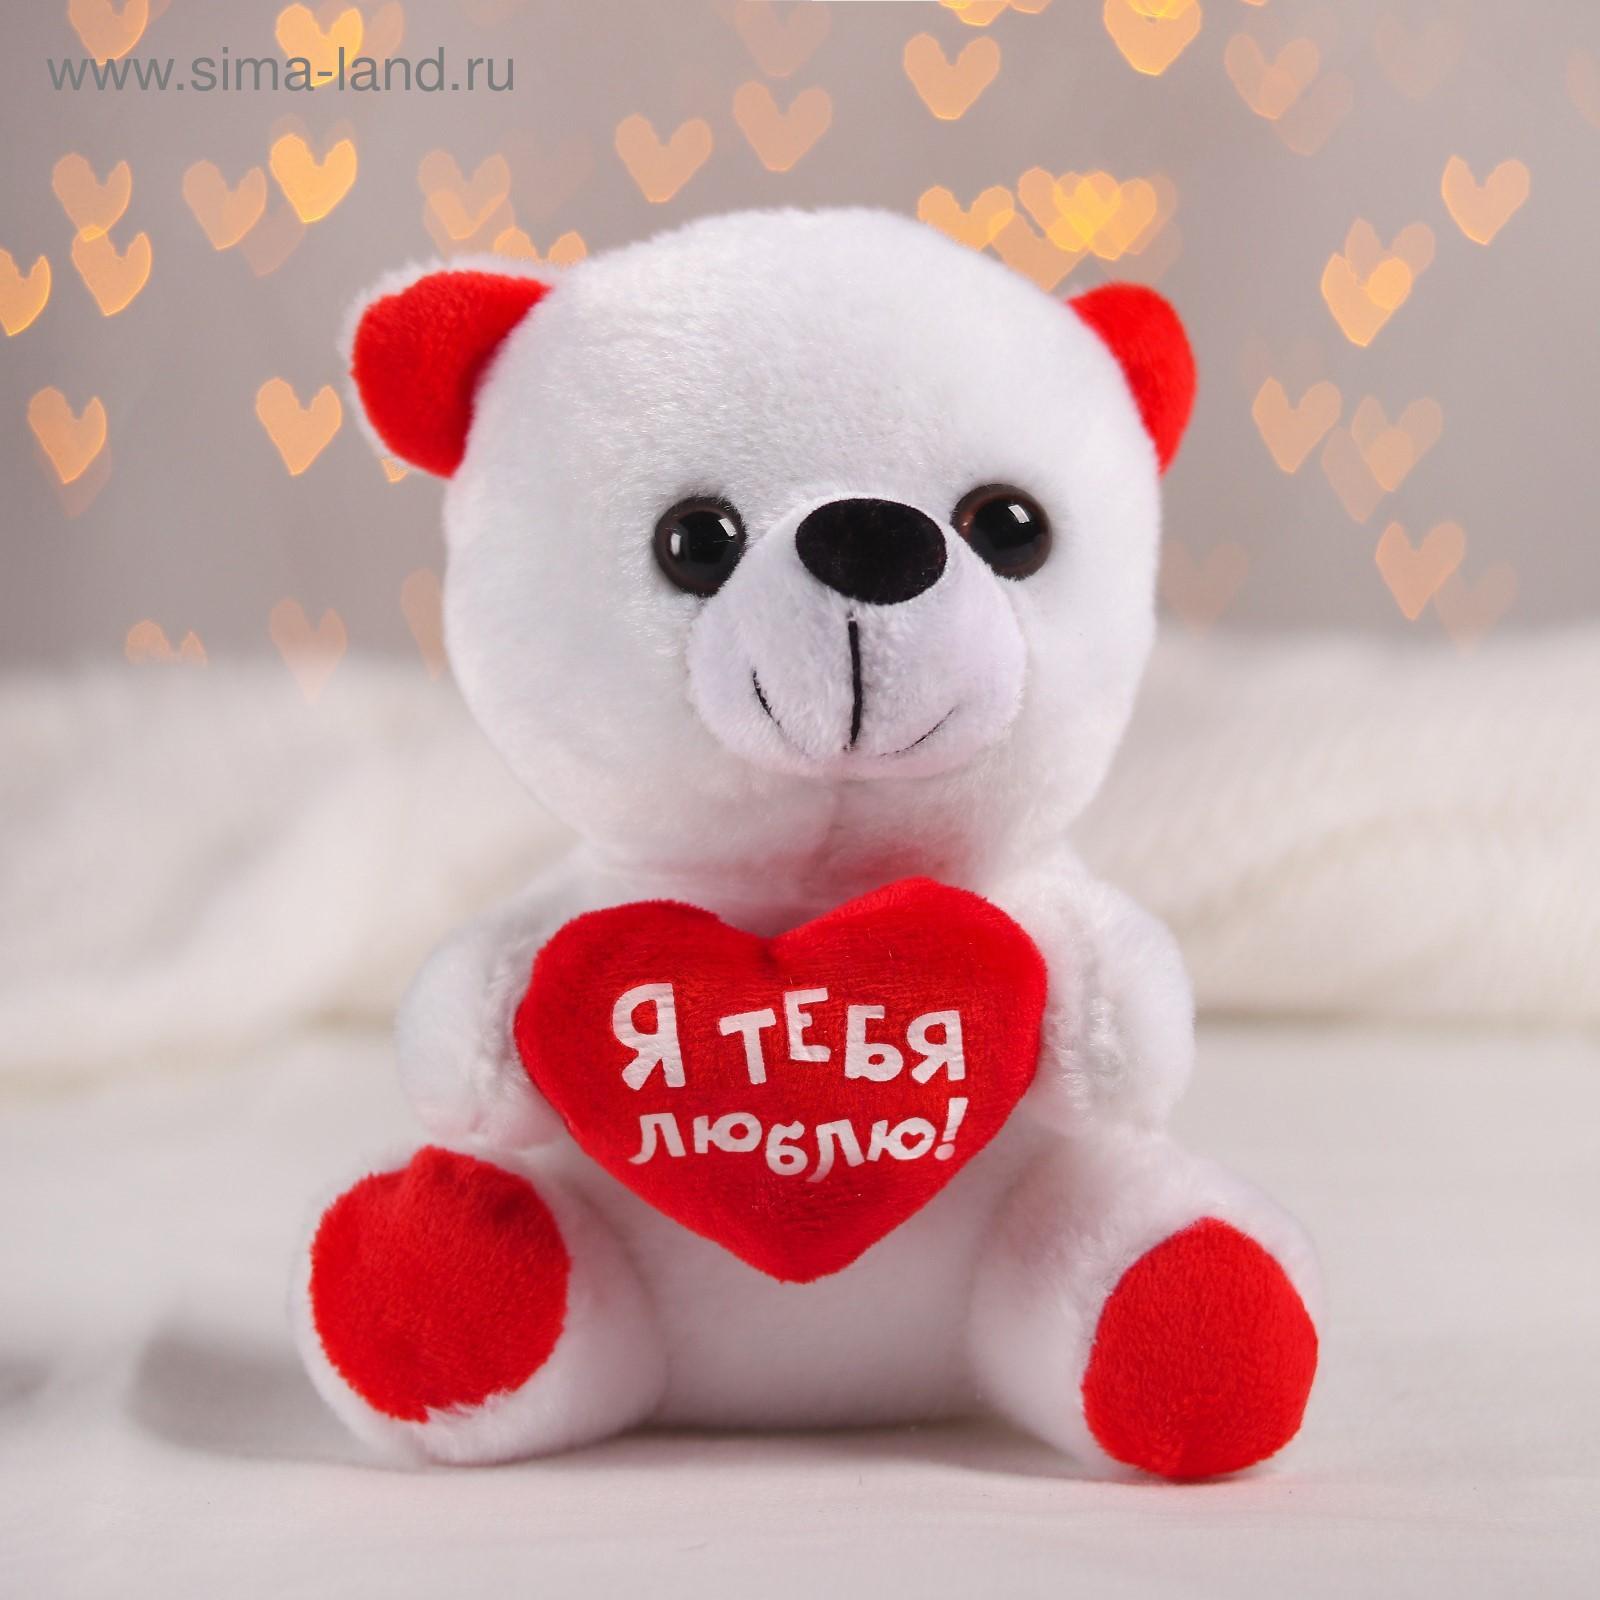 0288f124b53e7 Мягкая игрушка мишка с сердечком